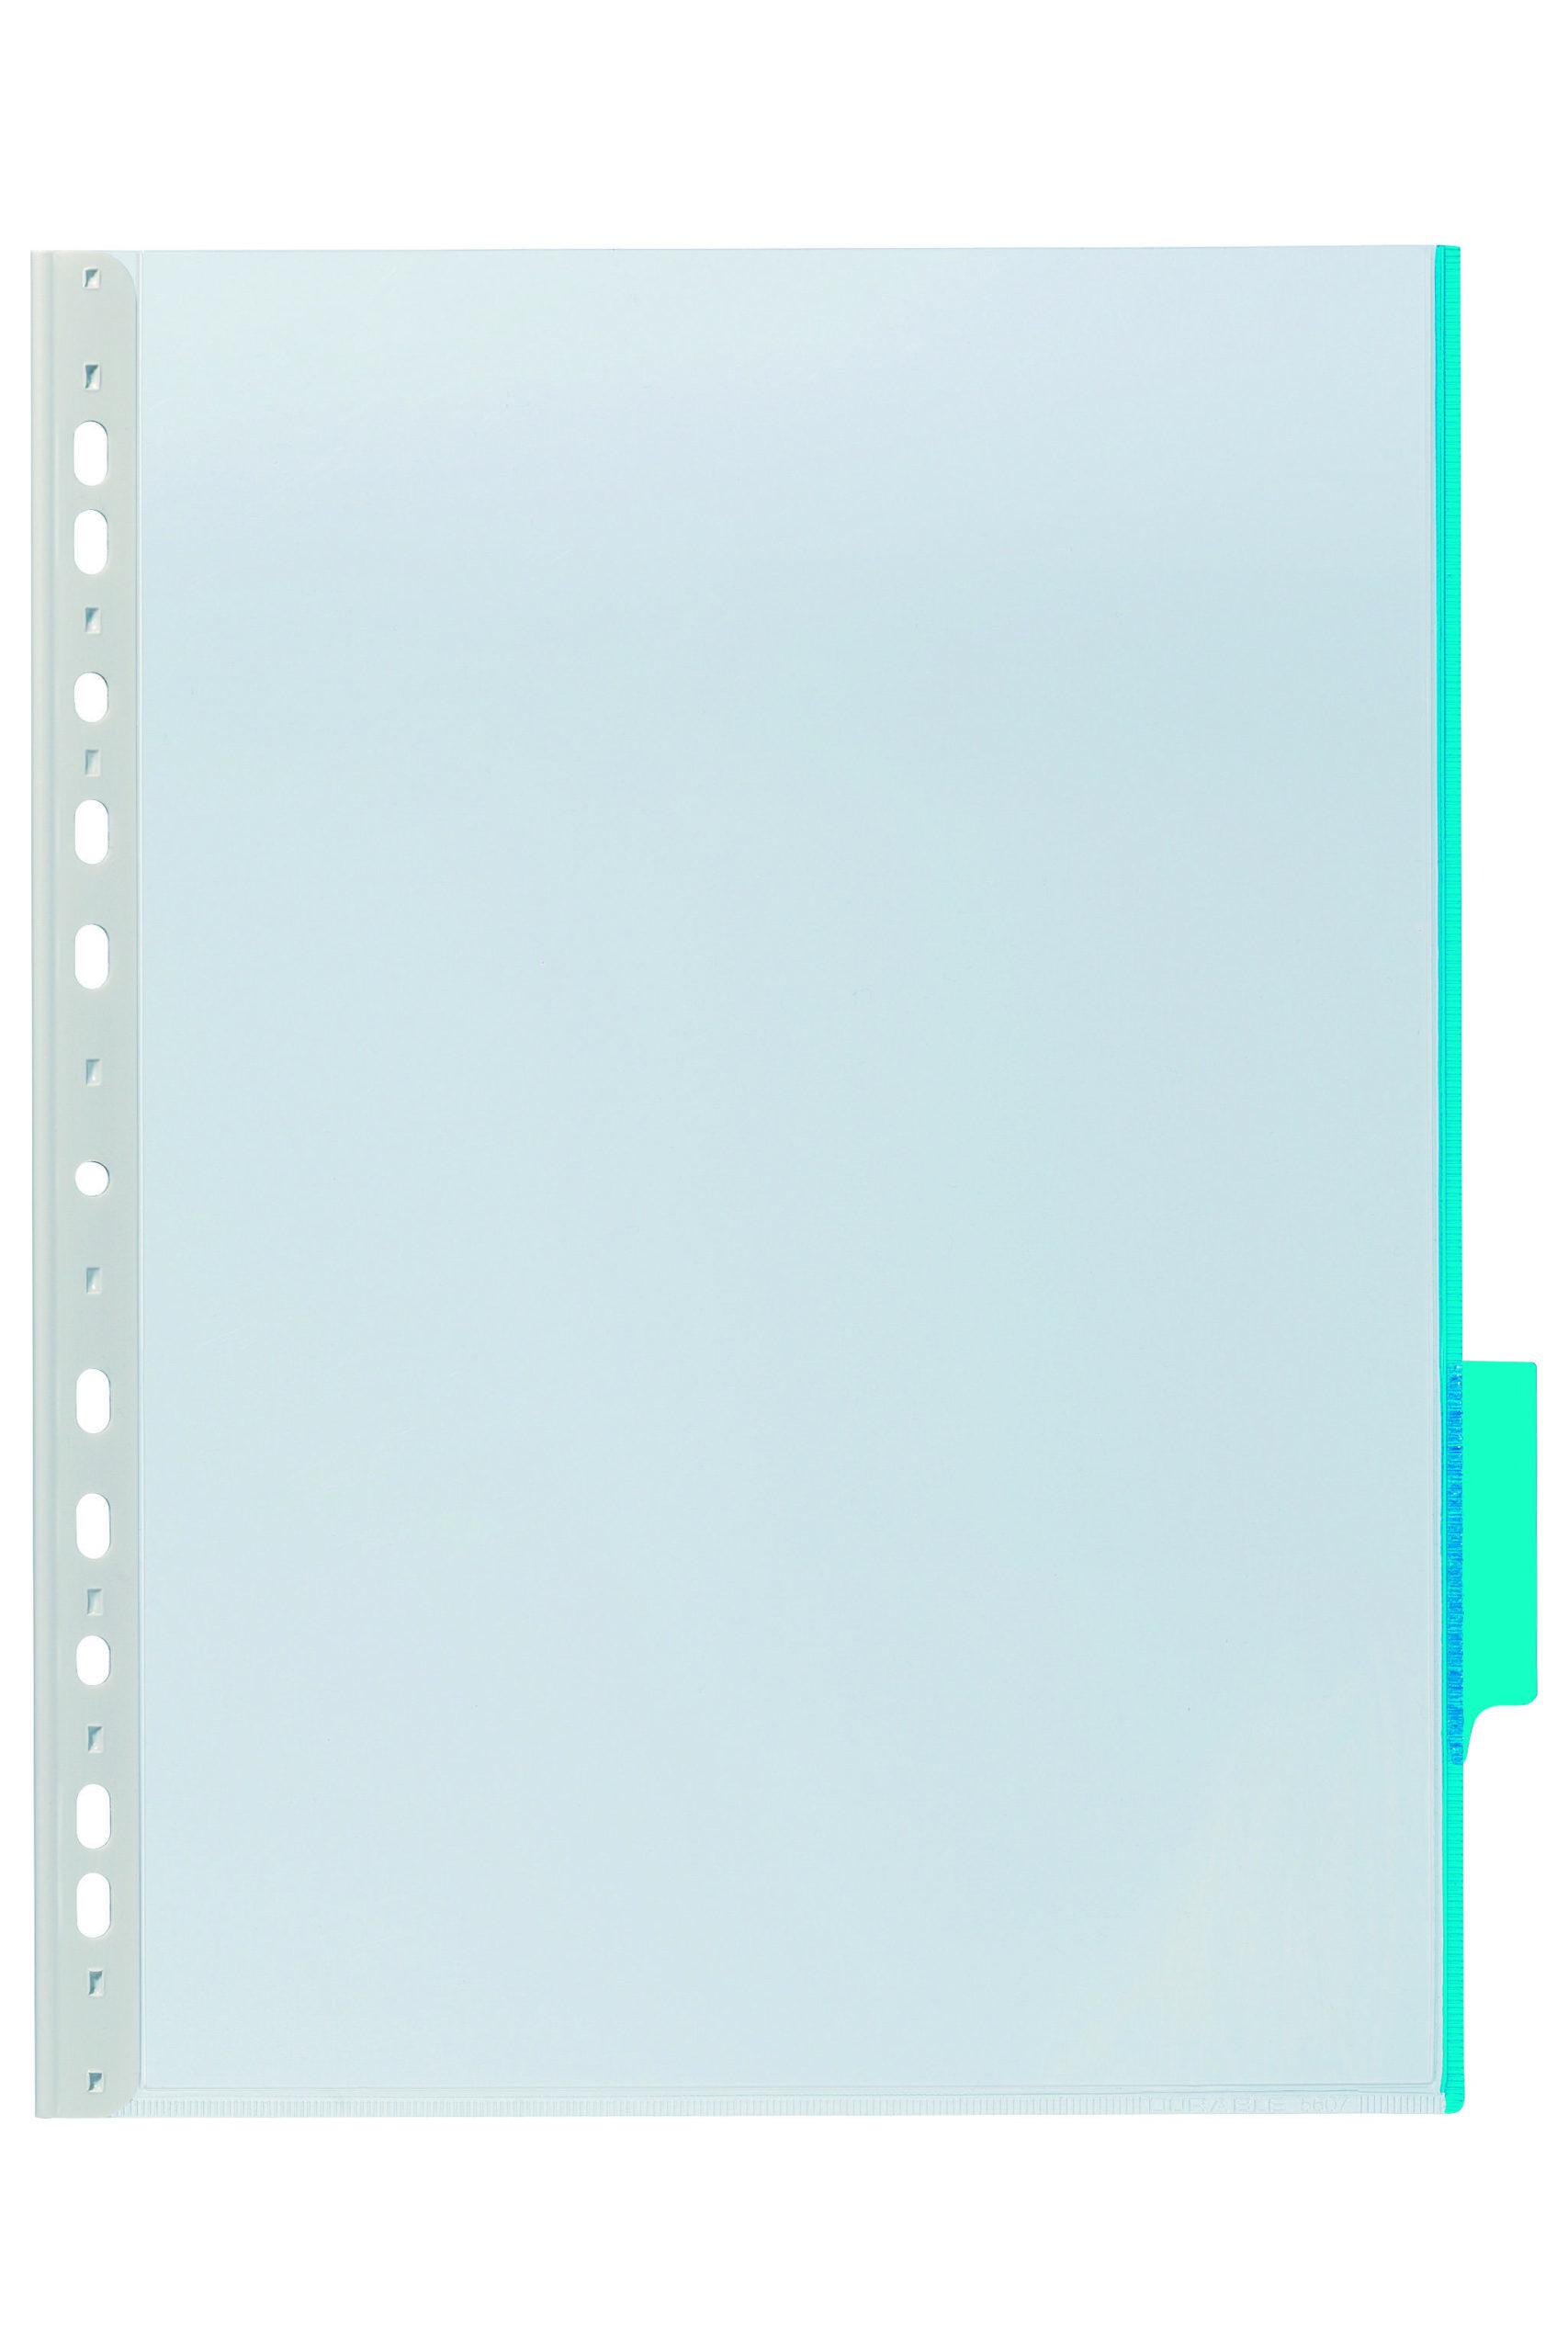 Дисплей настенный/настольный, DURABLE DIN, голубой, перфорация